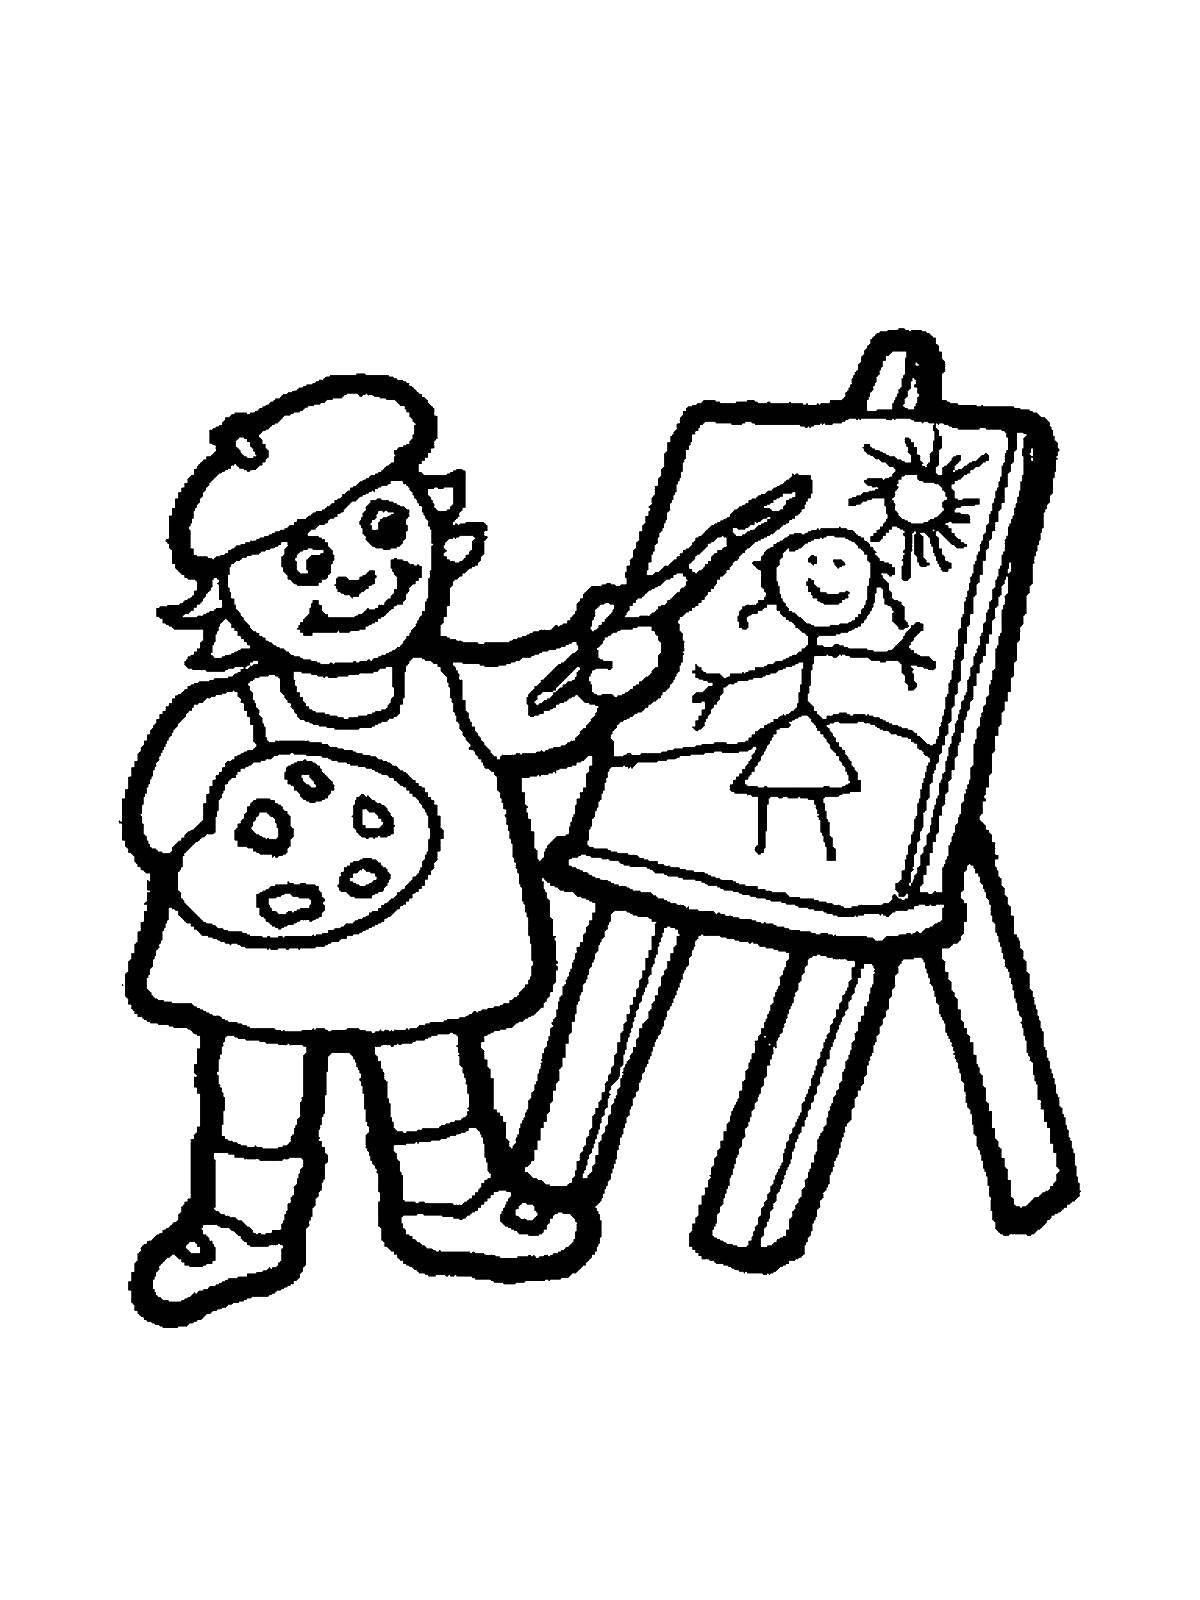 Раскраски Художник Раскраски Художник, раскраски человек рисует, раскраски про профессию художника для ребенка